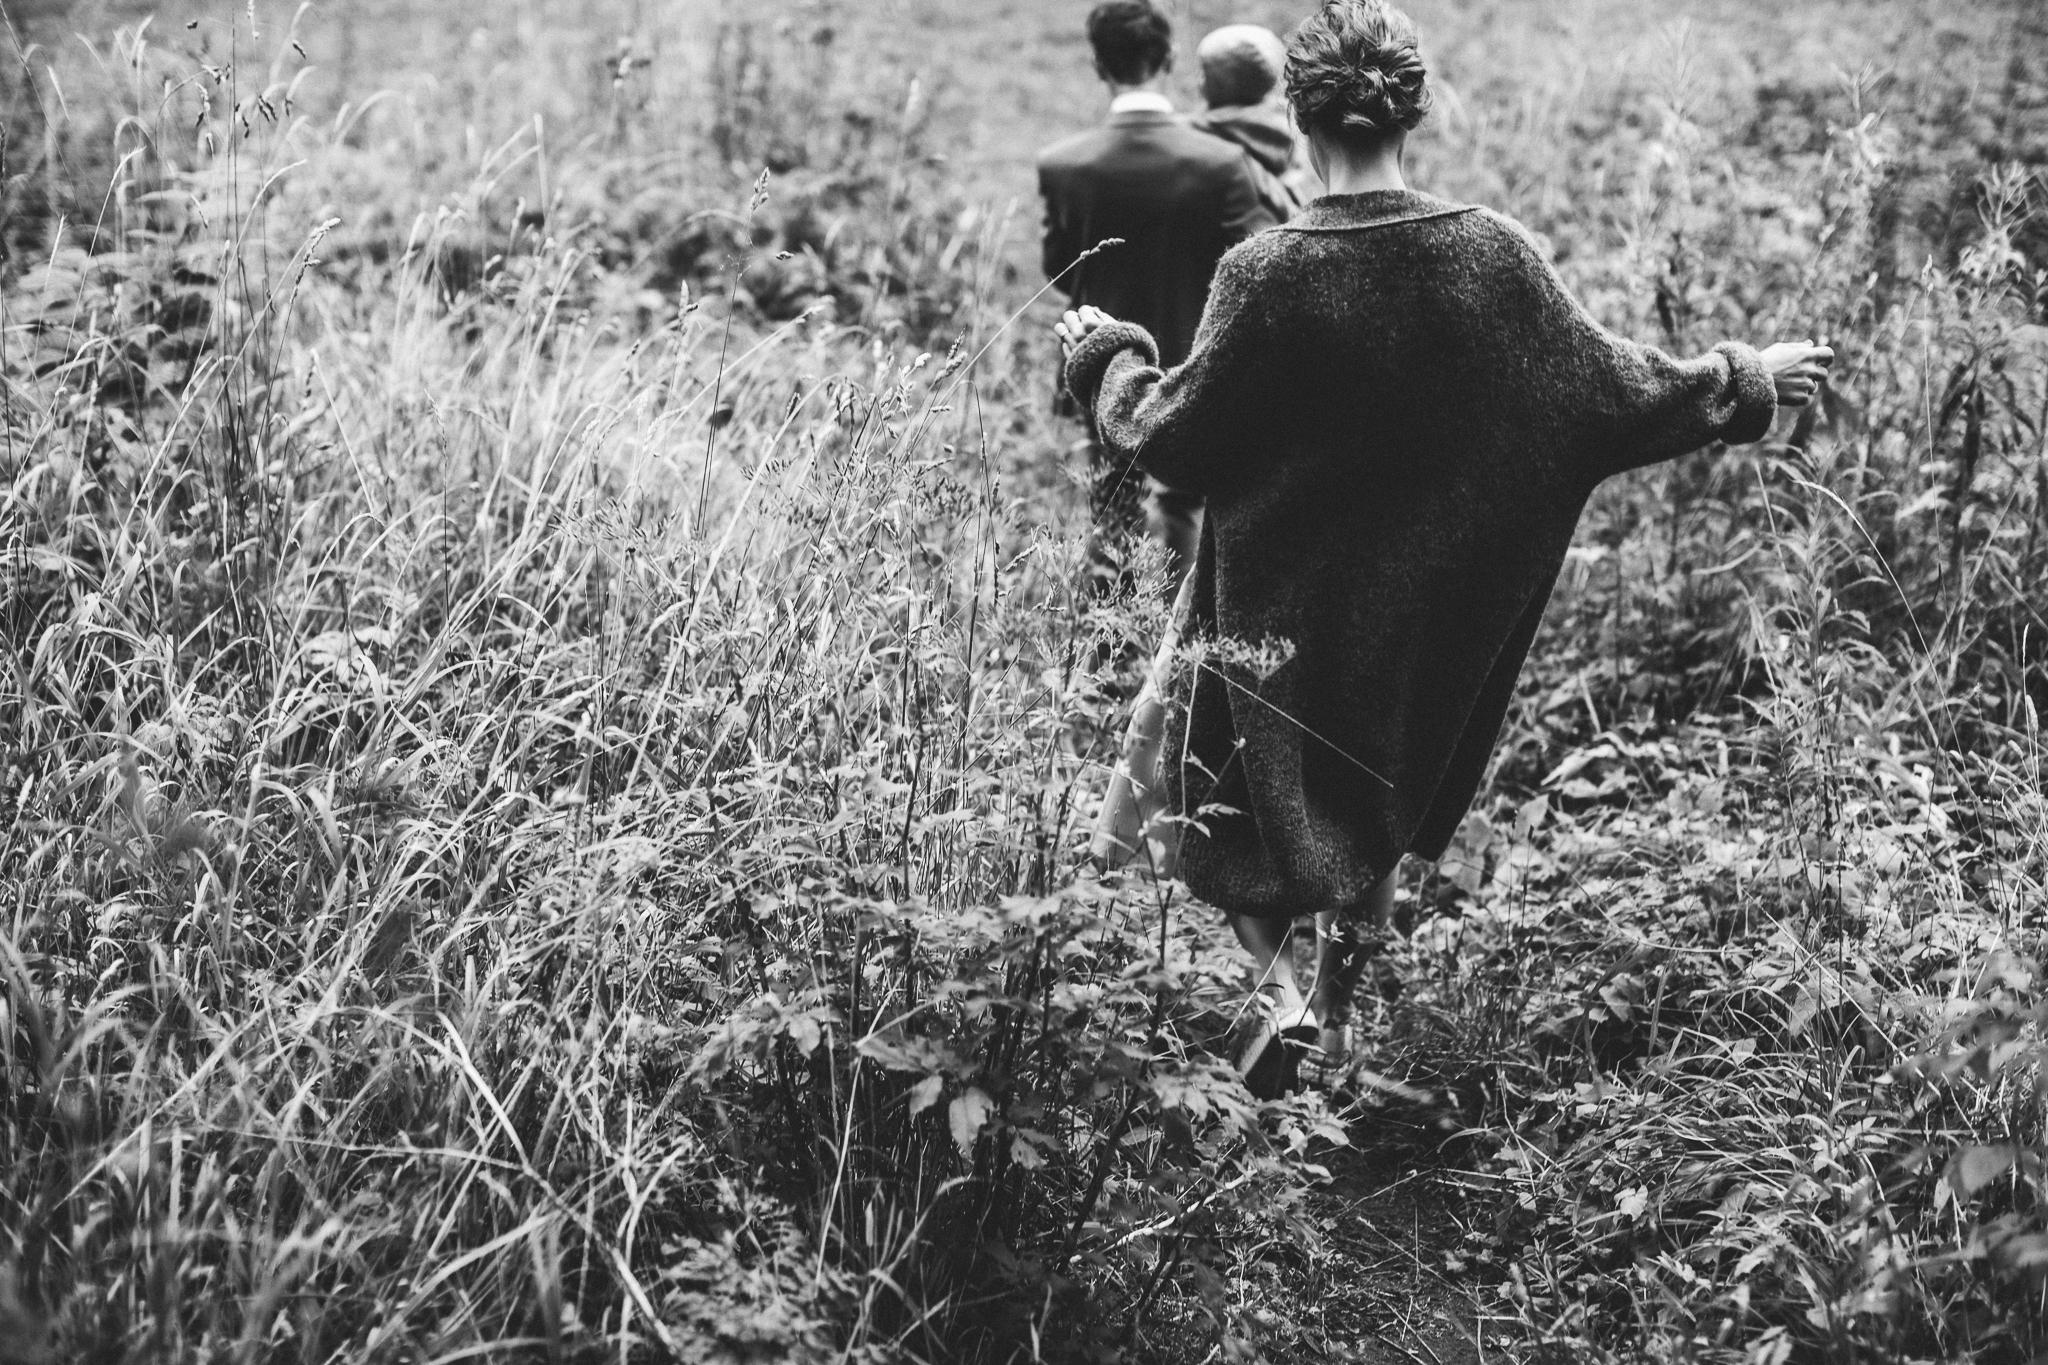 Elopment pulmafot, mustvalge pilt perest, kes jalutab rohus.